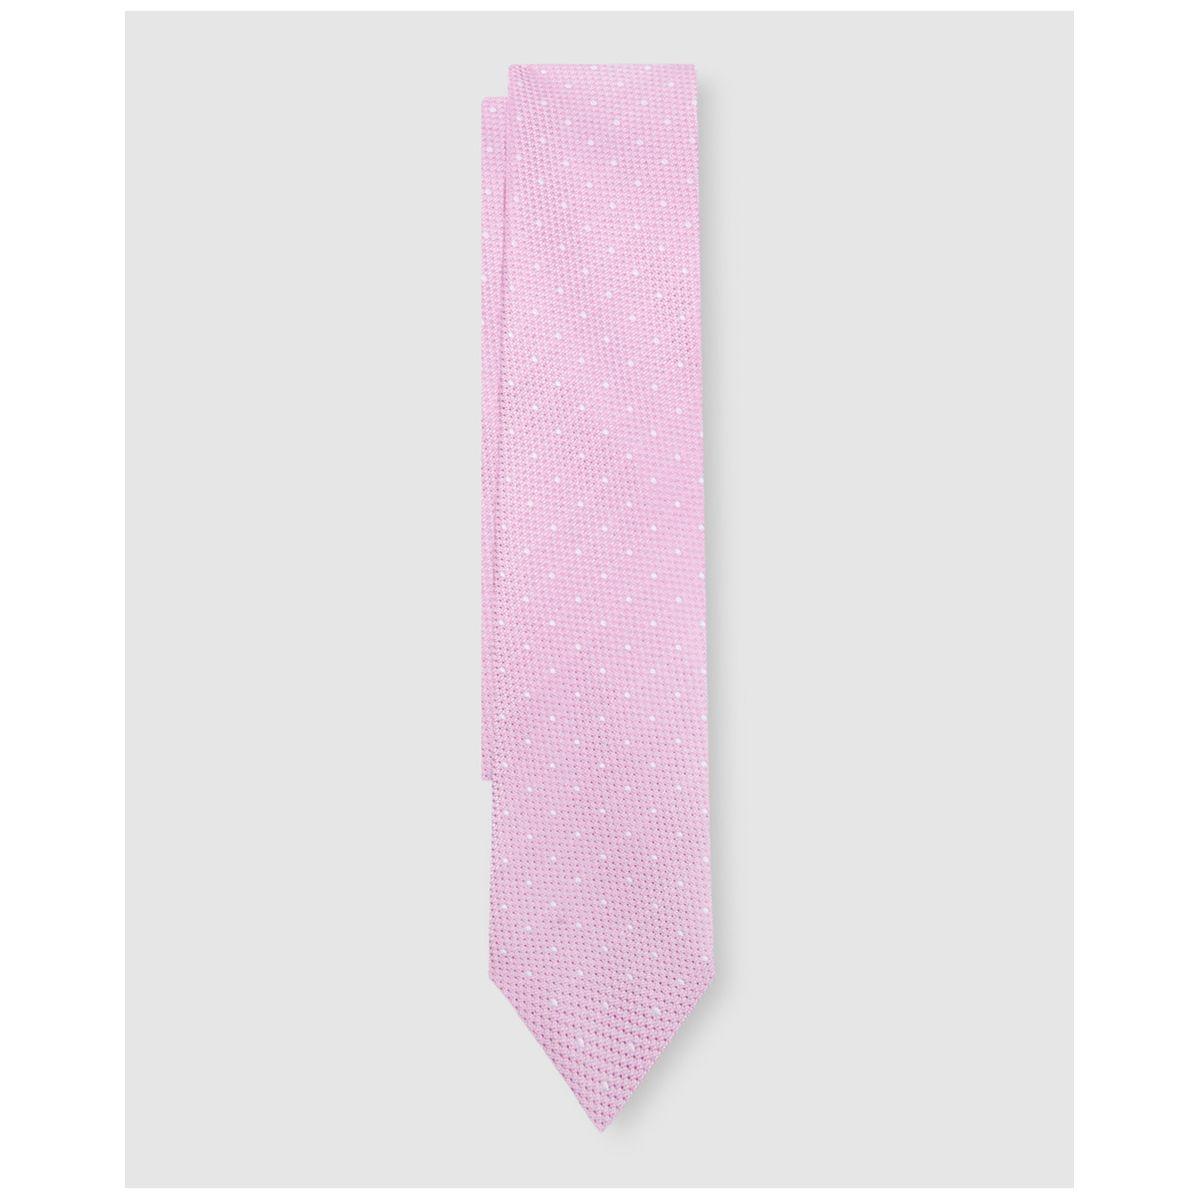 Cravate en soie microimprimé à motif